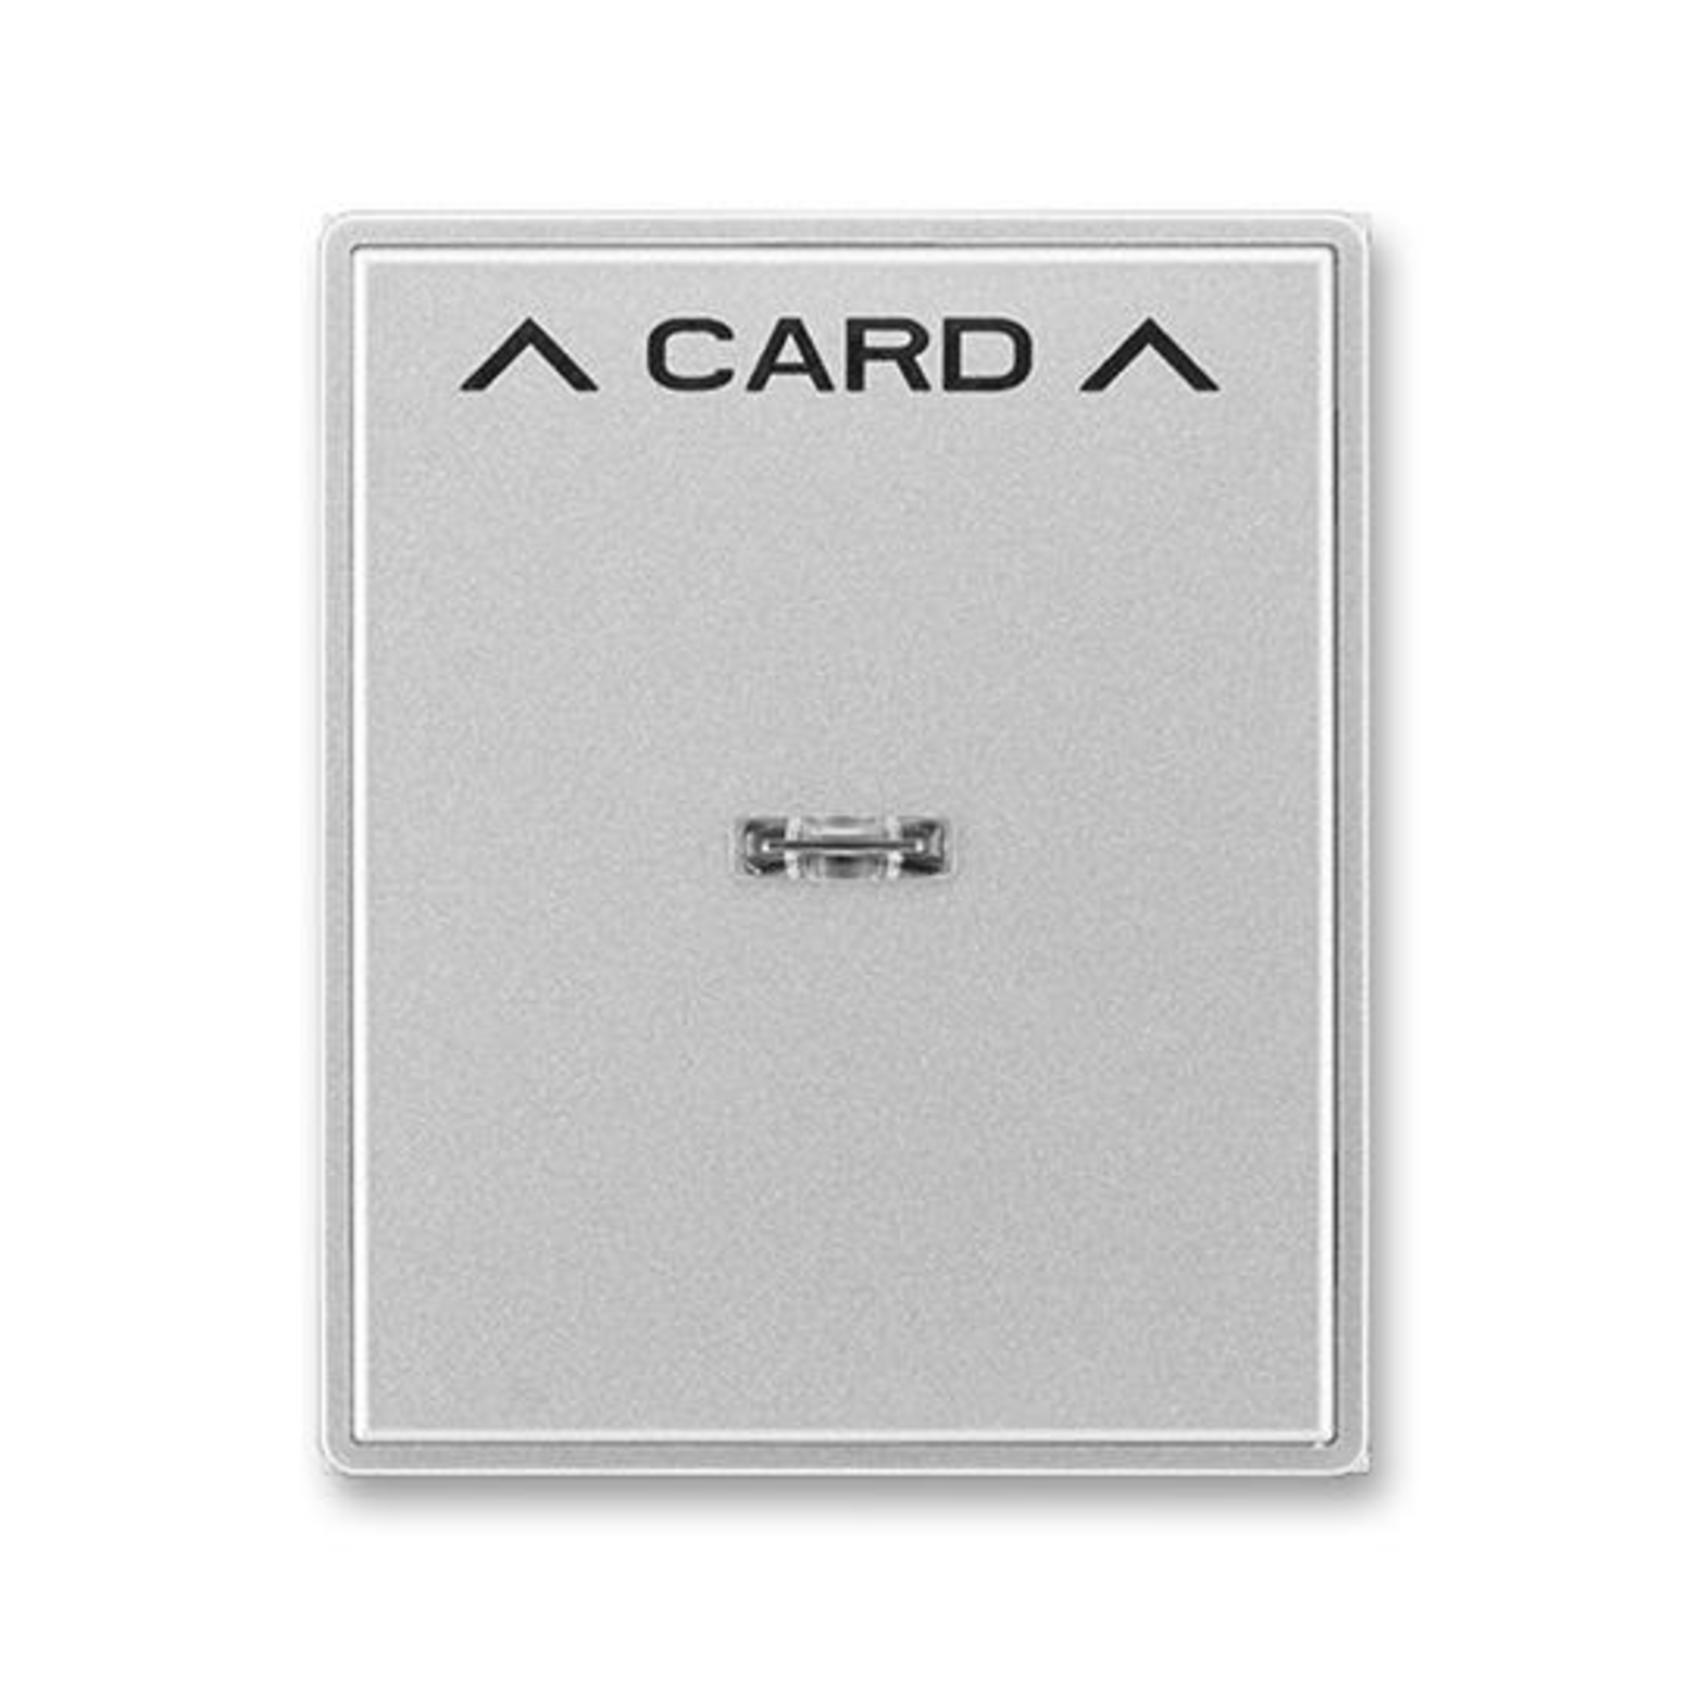 ABB 3559E-A00700 08 Time Kryt spínače kartového, s čirým průzorem